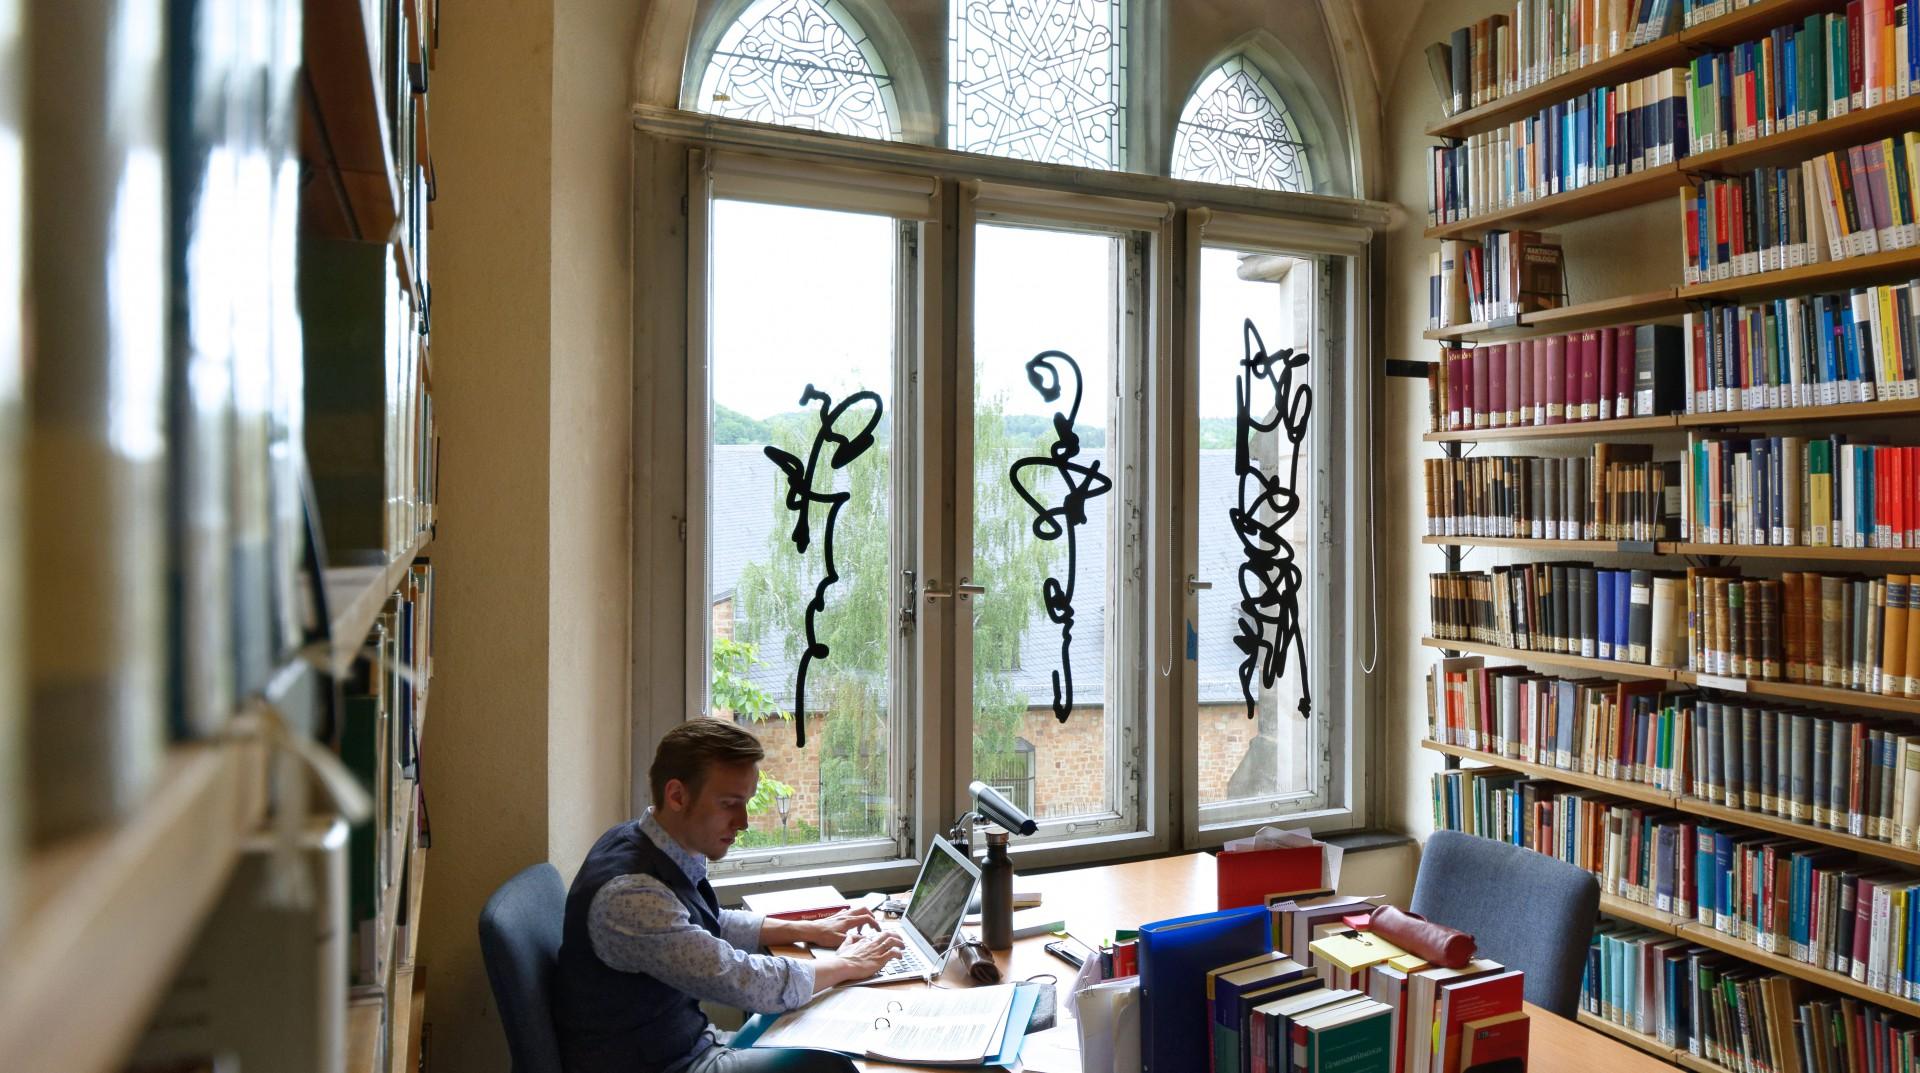 Bibliothek in der Alten Universität Marburg, Einzelzeichen, Foliendruck auf Glas, je ca. 45 x 140 cm, 2019